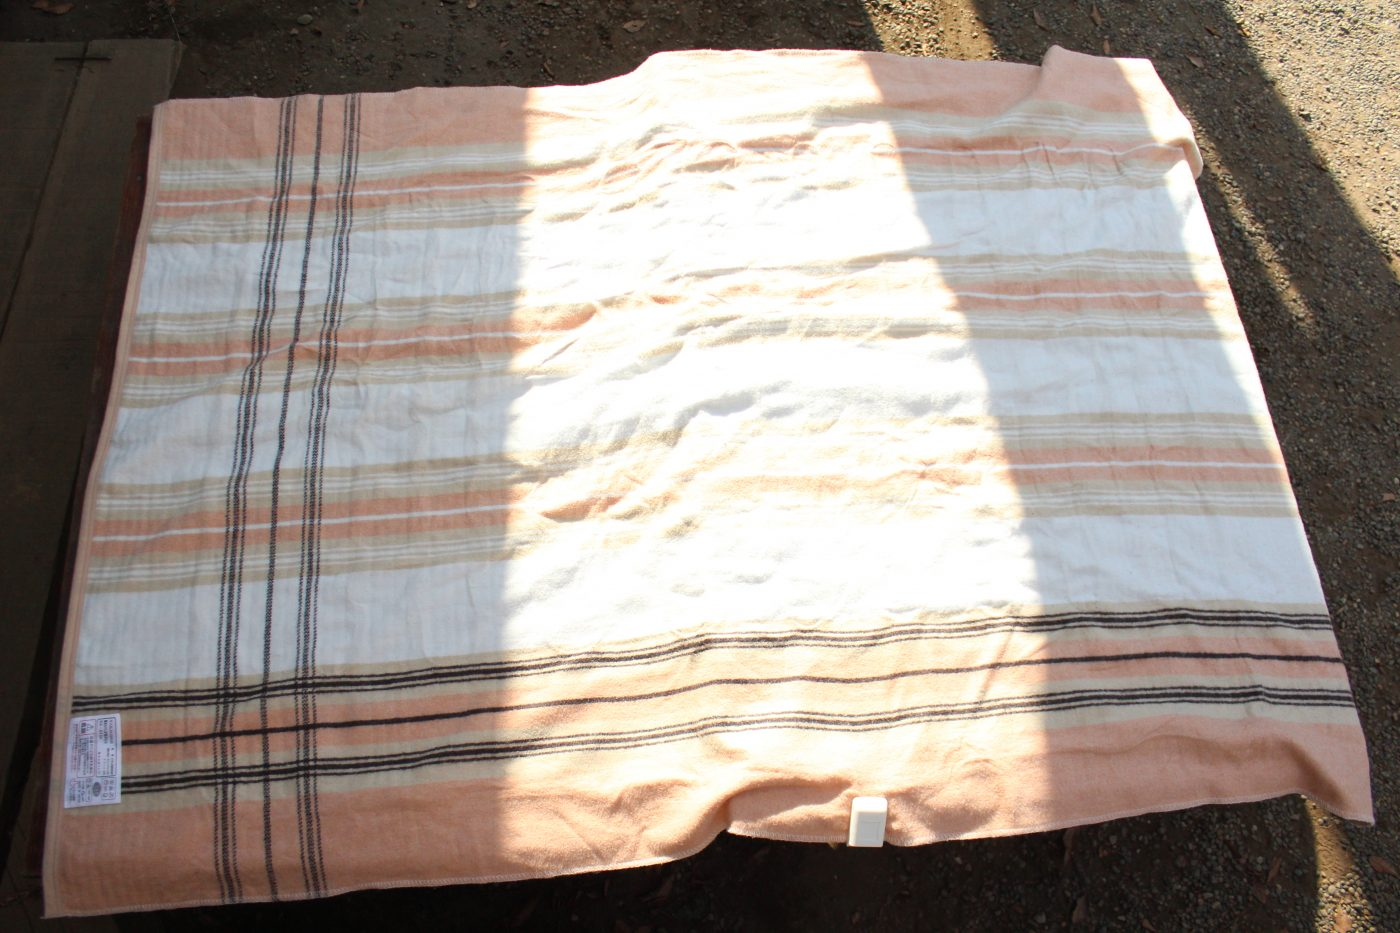 電気毛布は冬キャンプの強い味方